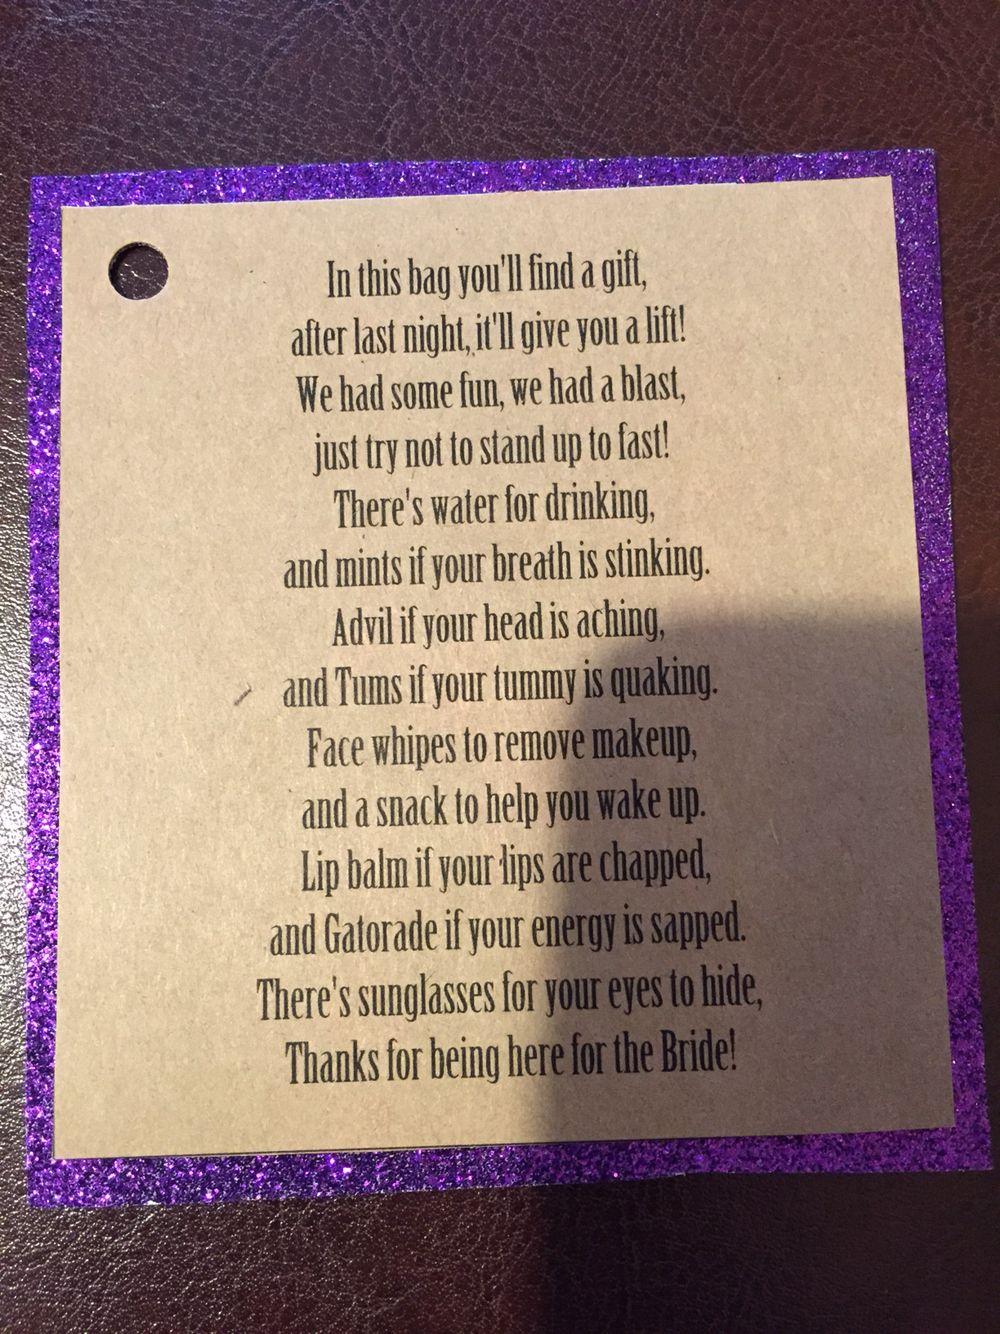 Bachelorette party oh shit kit poem | Bachelorette Party Stuff ...